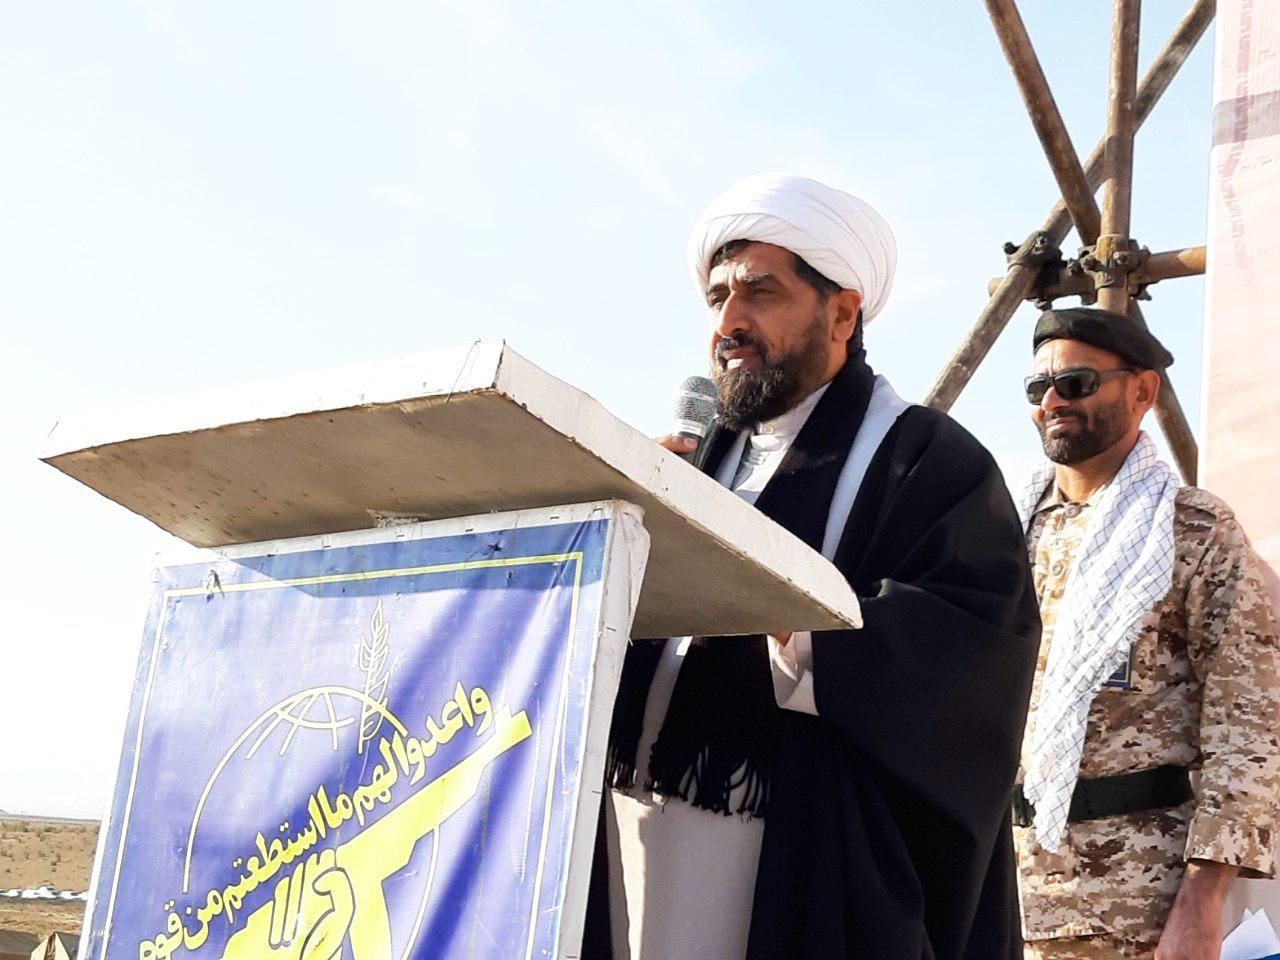 امام جمعه سرخس: تقویت بنیه دفاعی برای جلوگیری از جنگ است